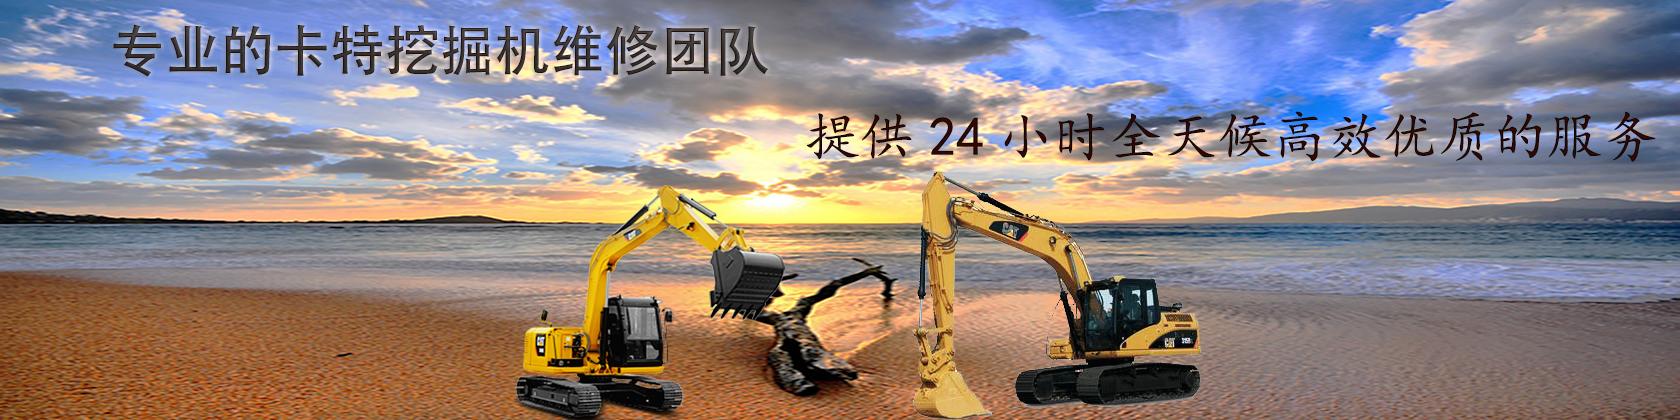 卡特挖掘机维修公司